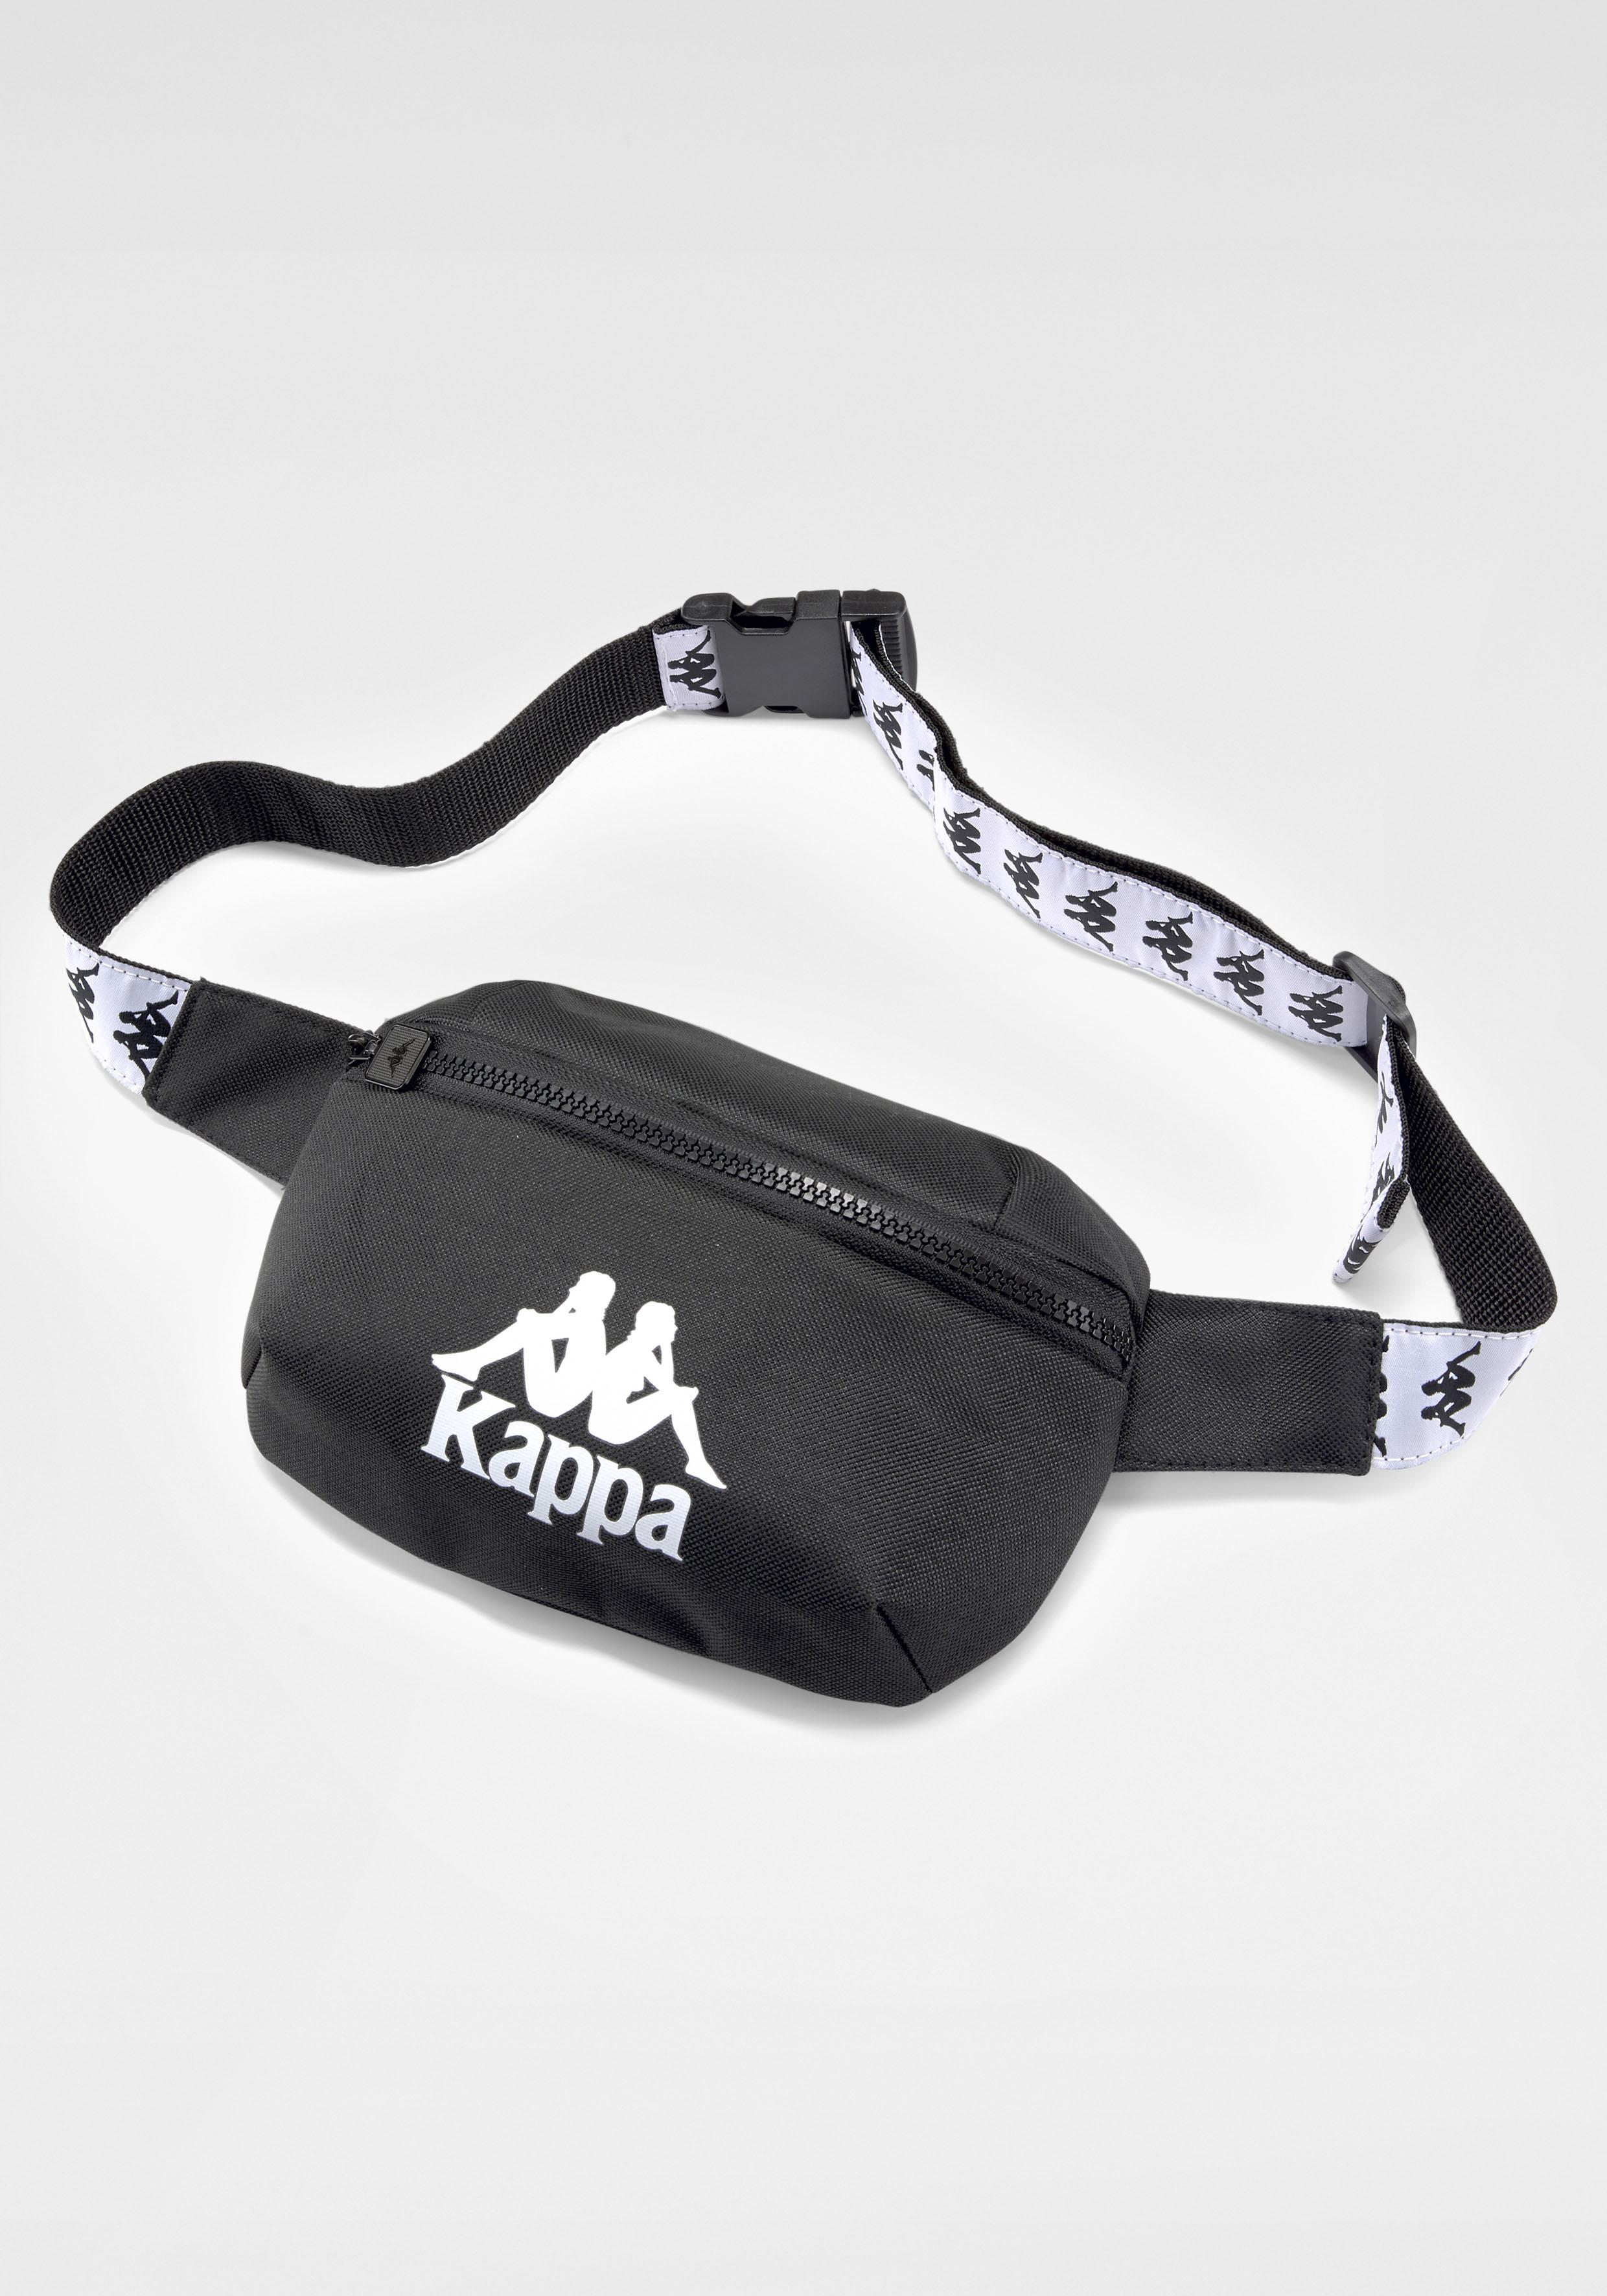 Kappa Gürteltasche Belt bag schwarz Taschen Unisex